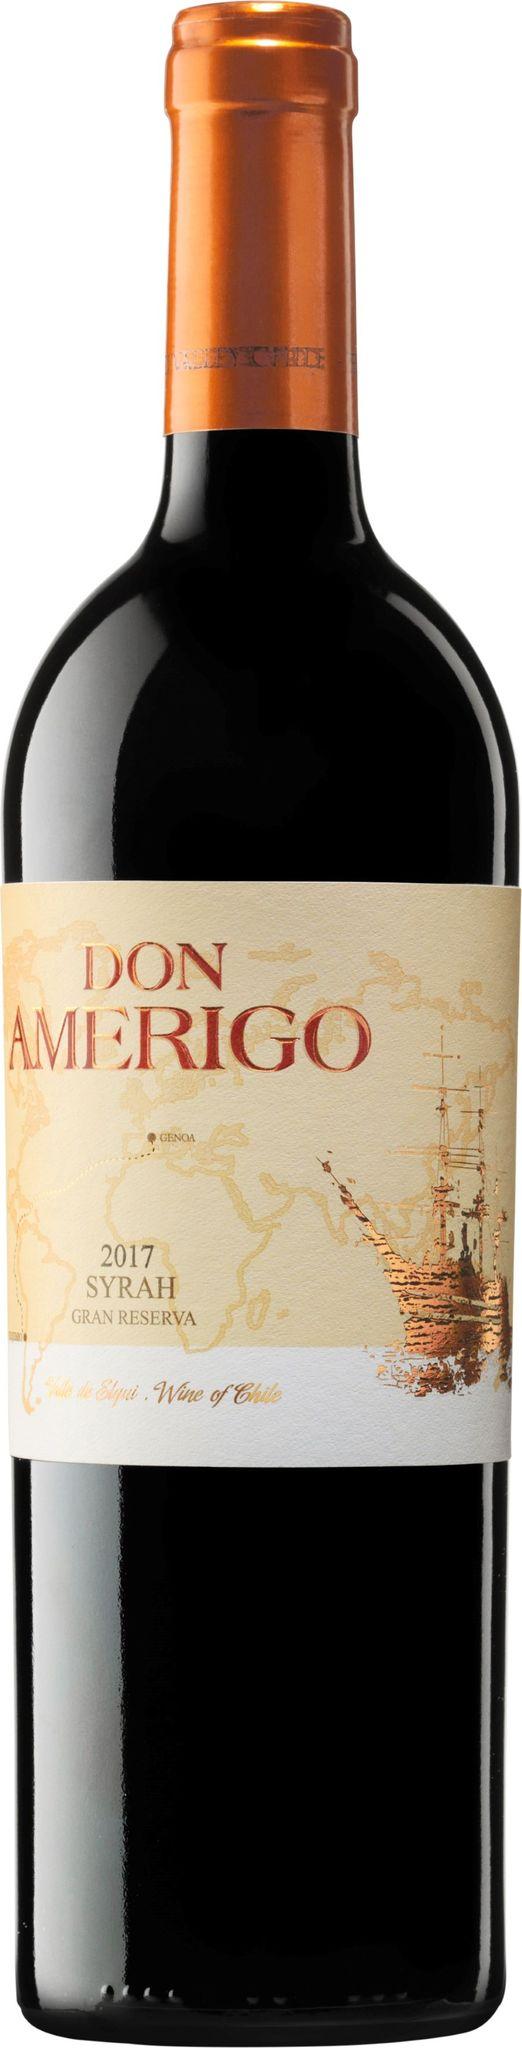 Produktbild på Don Amerigo